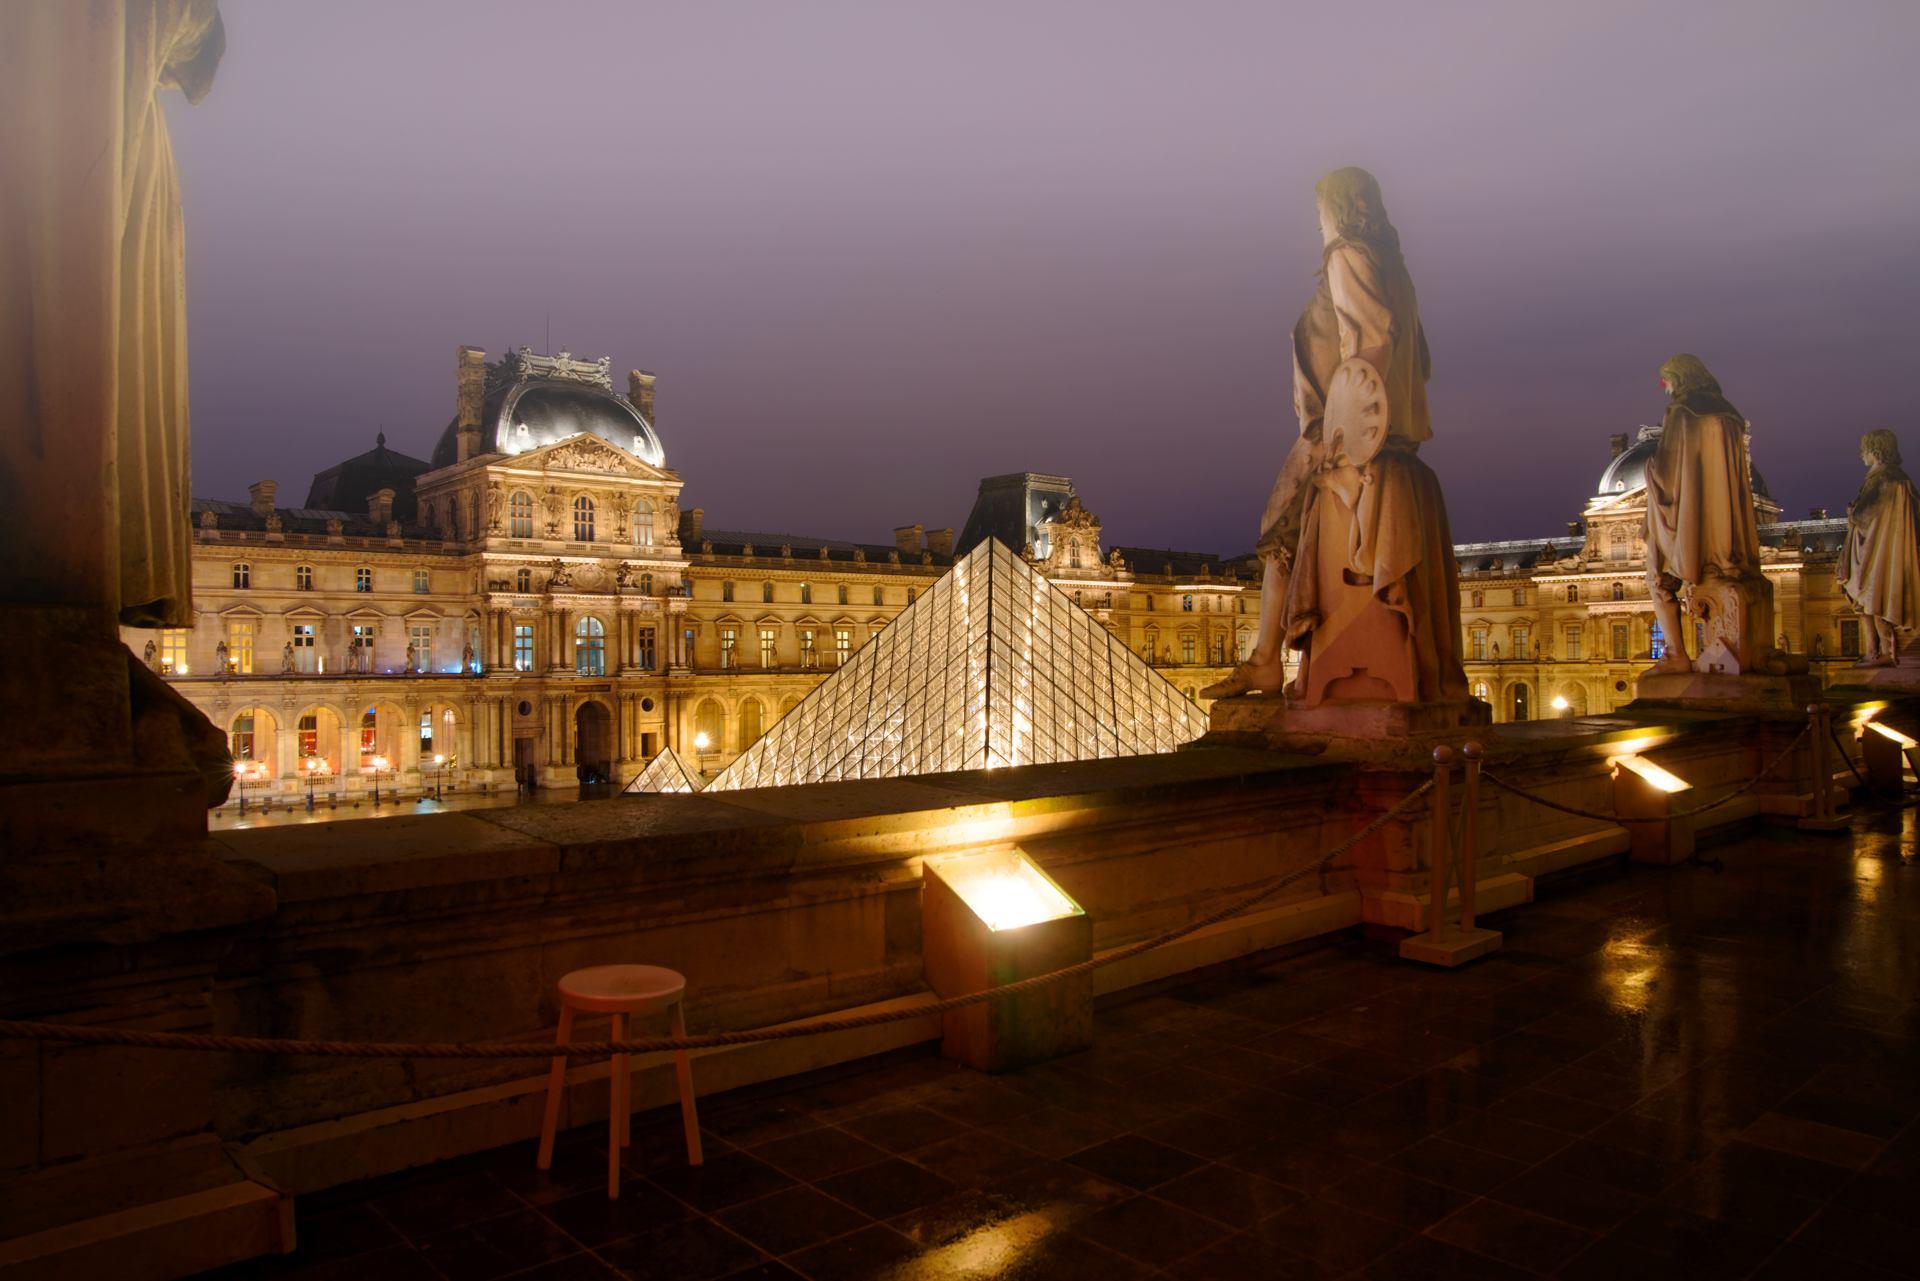 partie cachée de l'iceberg, Paris 2020